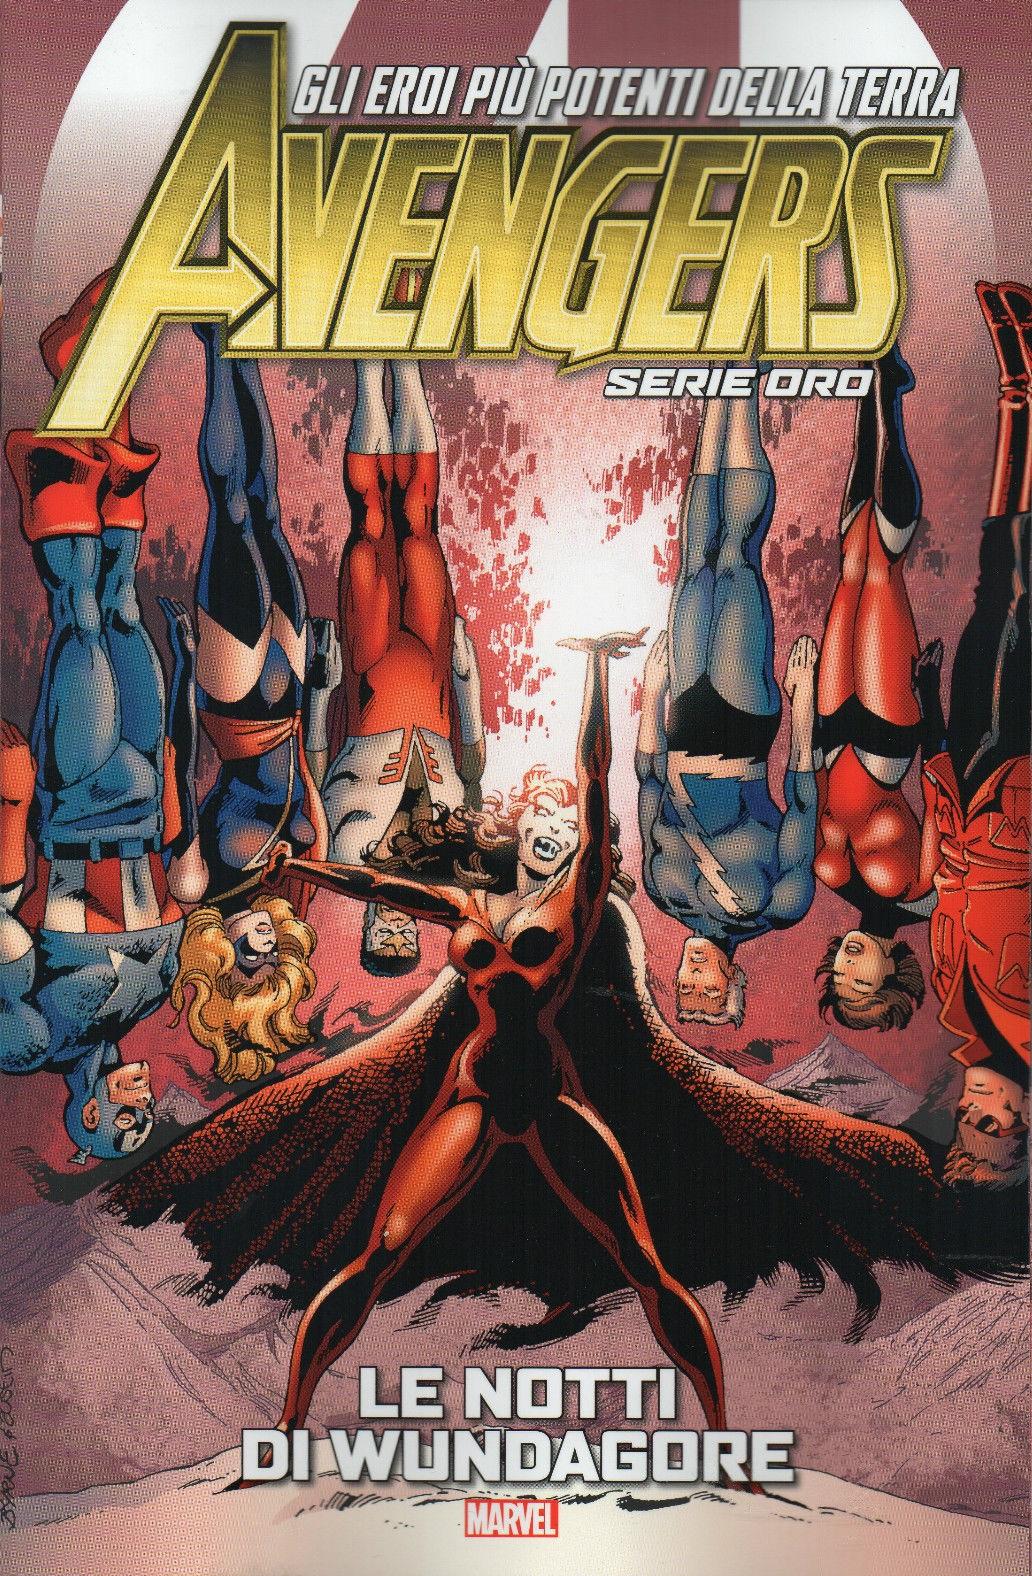 Più riguardo a Avengers - Serie Oro vol. 6